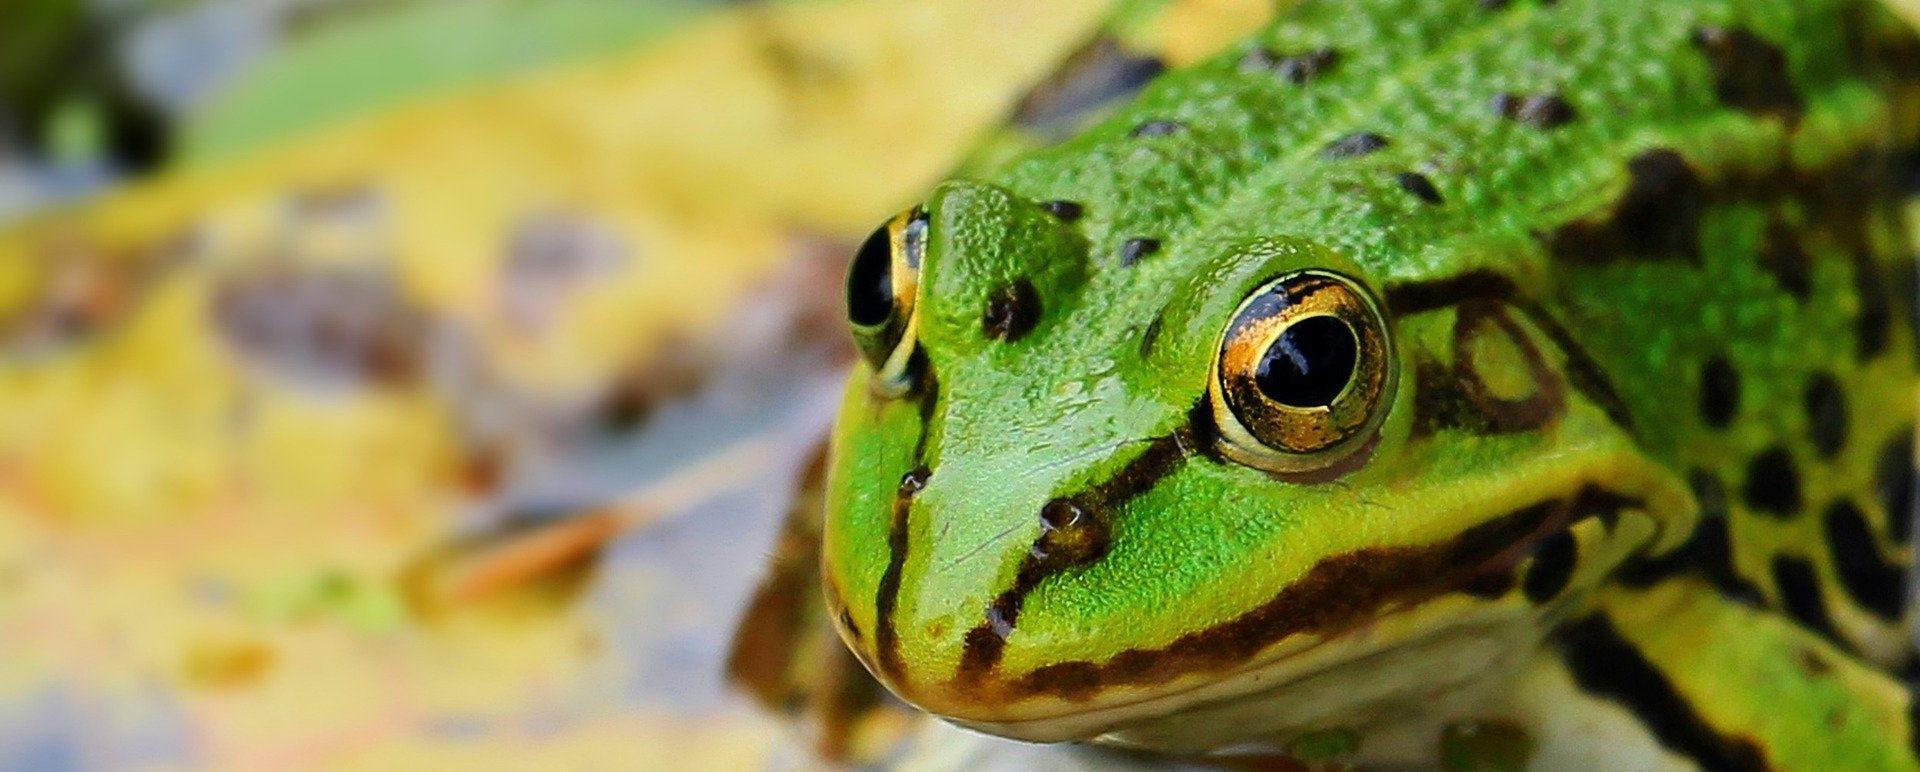 les grenouilles et les crapauds aident à lutter contre les limaces